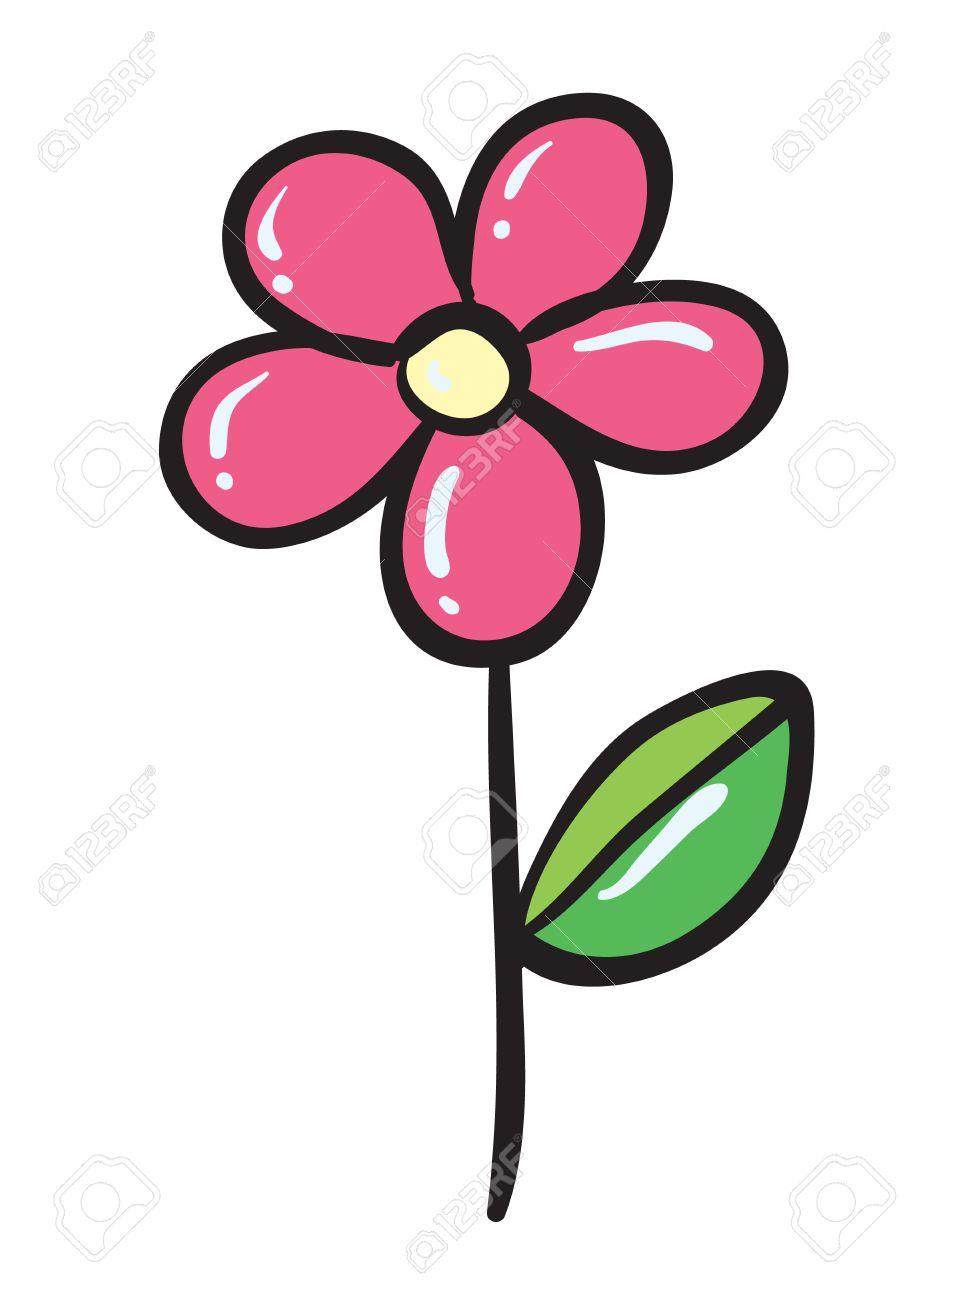 Clipart fleur jpg stock Clipart fleur 1 » Clipart Station jpg stock